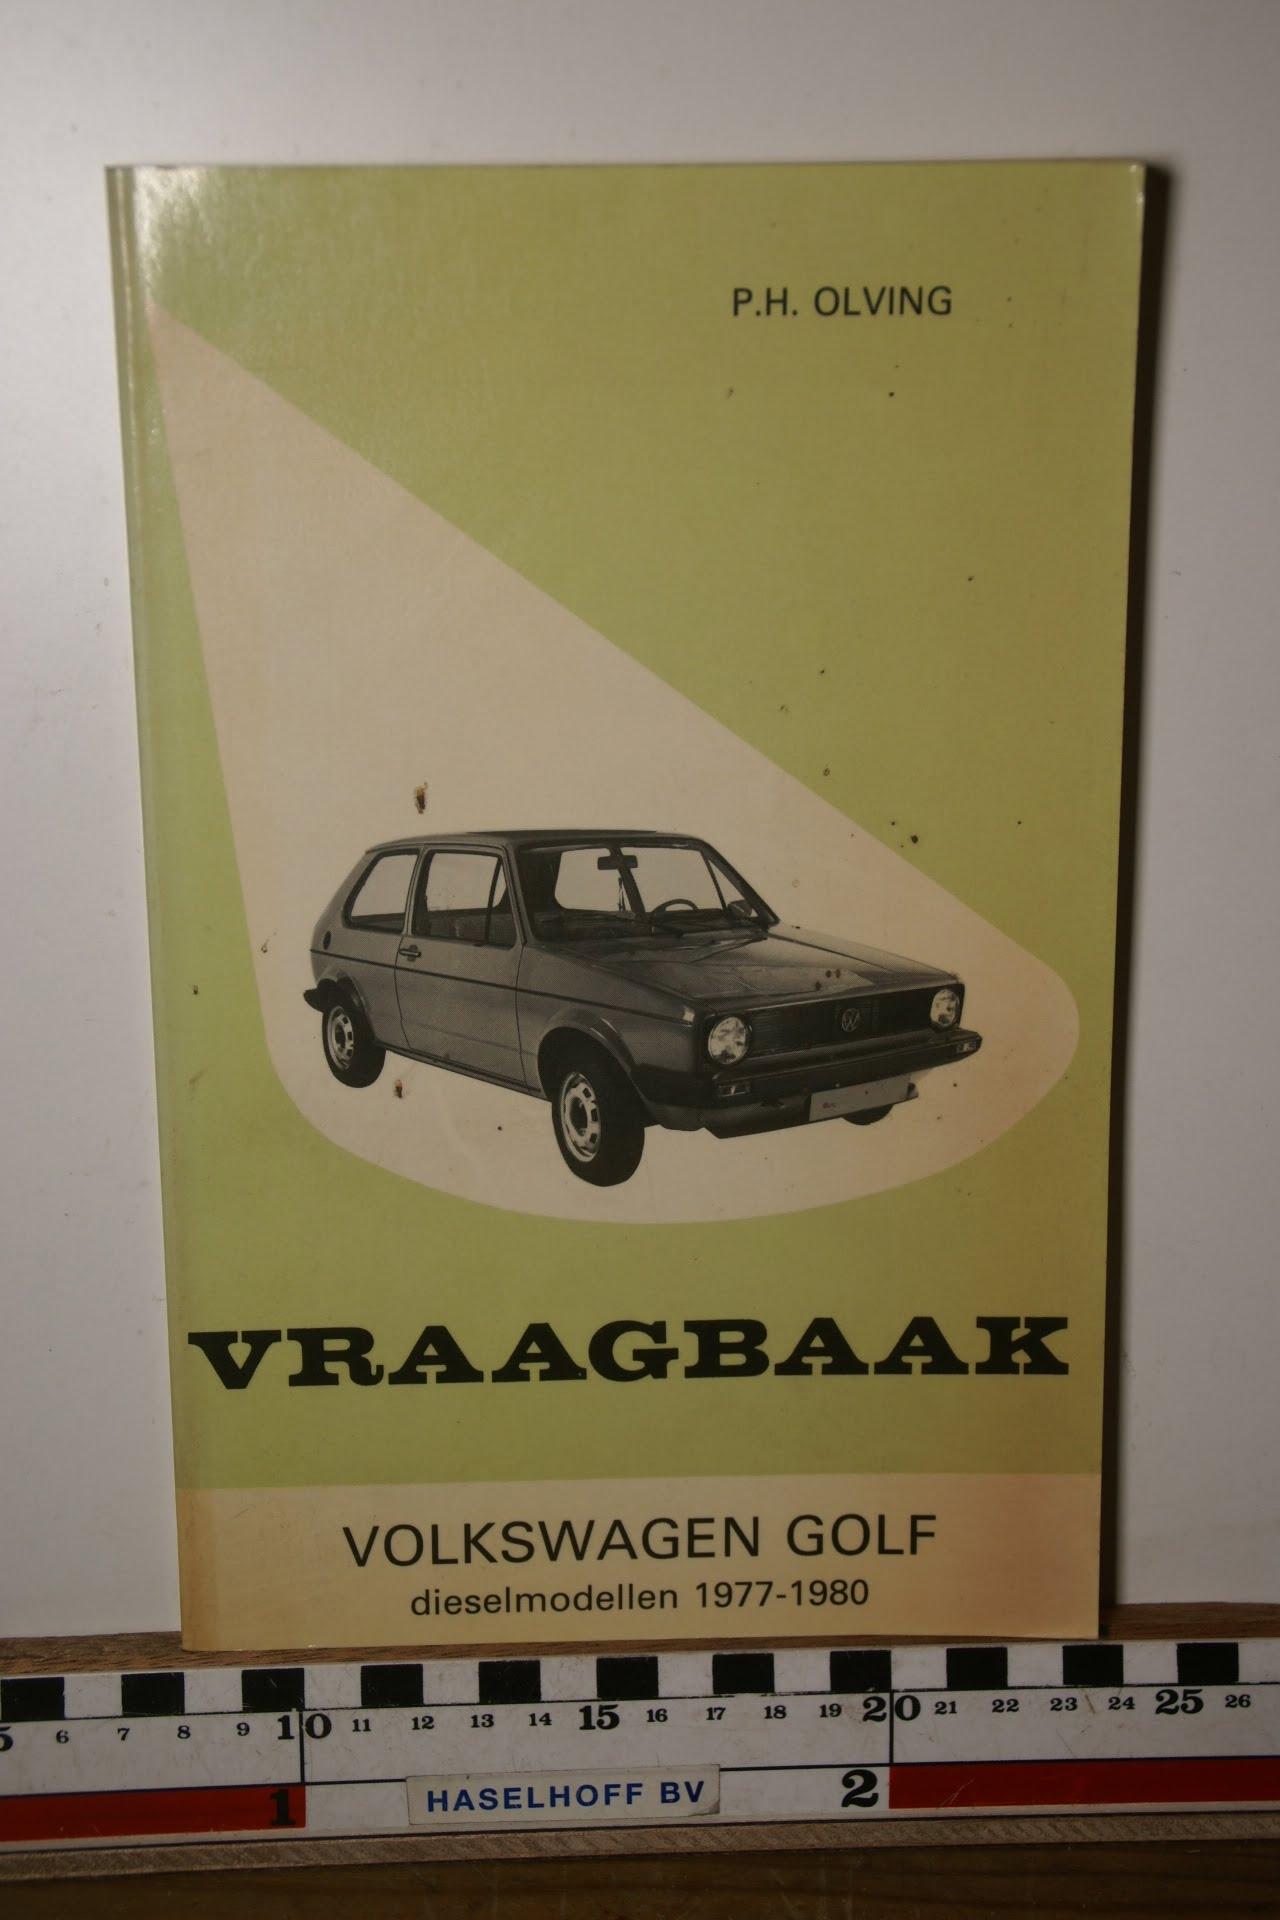 Olyslaber vraagbaak Volkswagen Gilf diesel 180205-3699-0